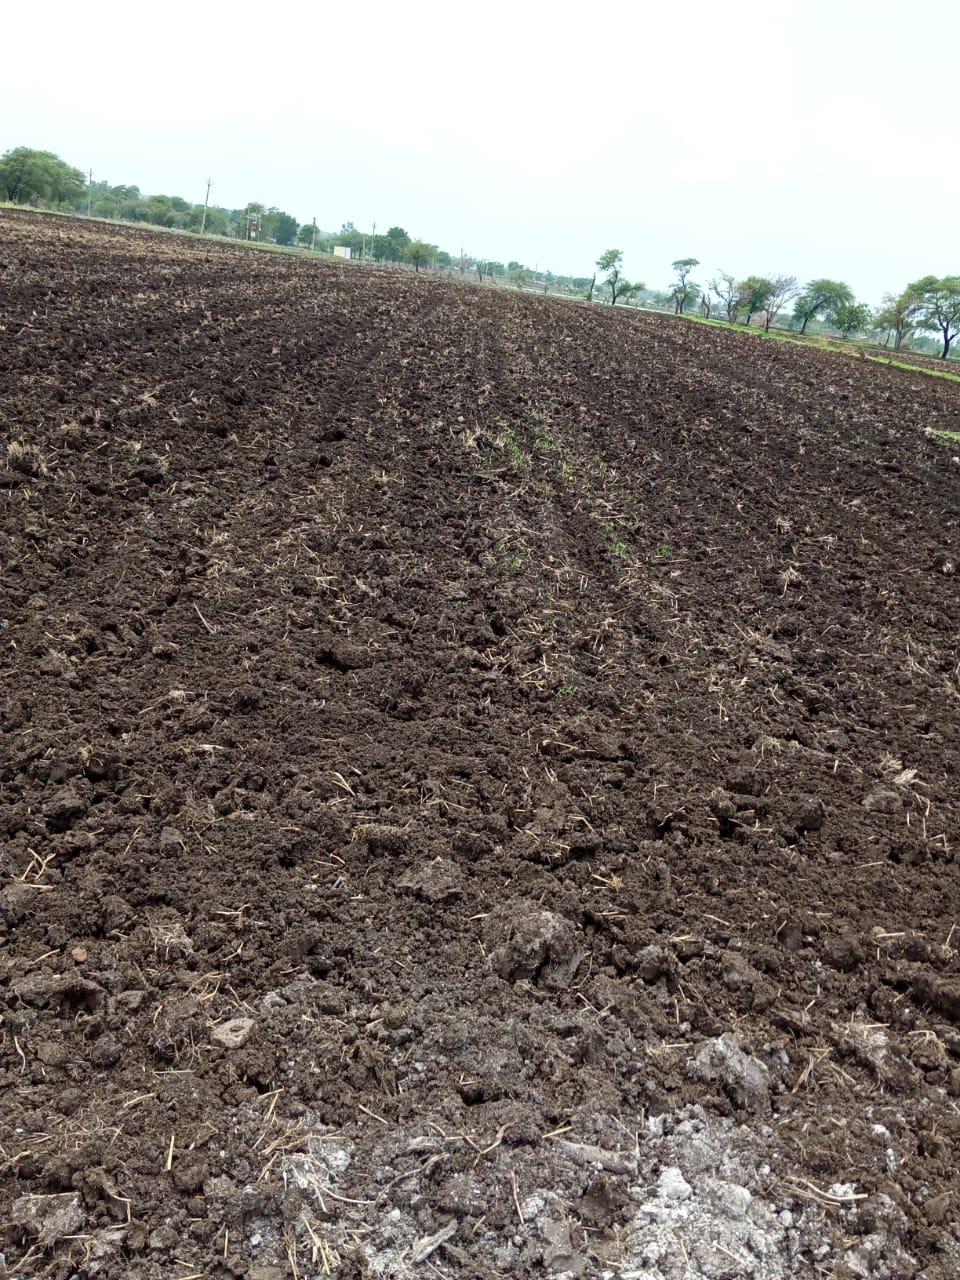 खराब बीज बेचने वाले व्यापारी के खिलाफ कार्यवाहीं की मांग....  क्षेत्र में अधिकारियों की अनदेखी से गरीब किसान हो रहे परेशान...